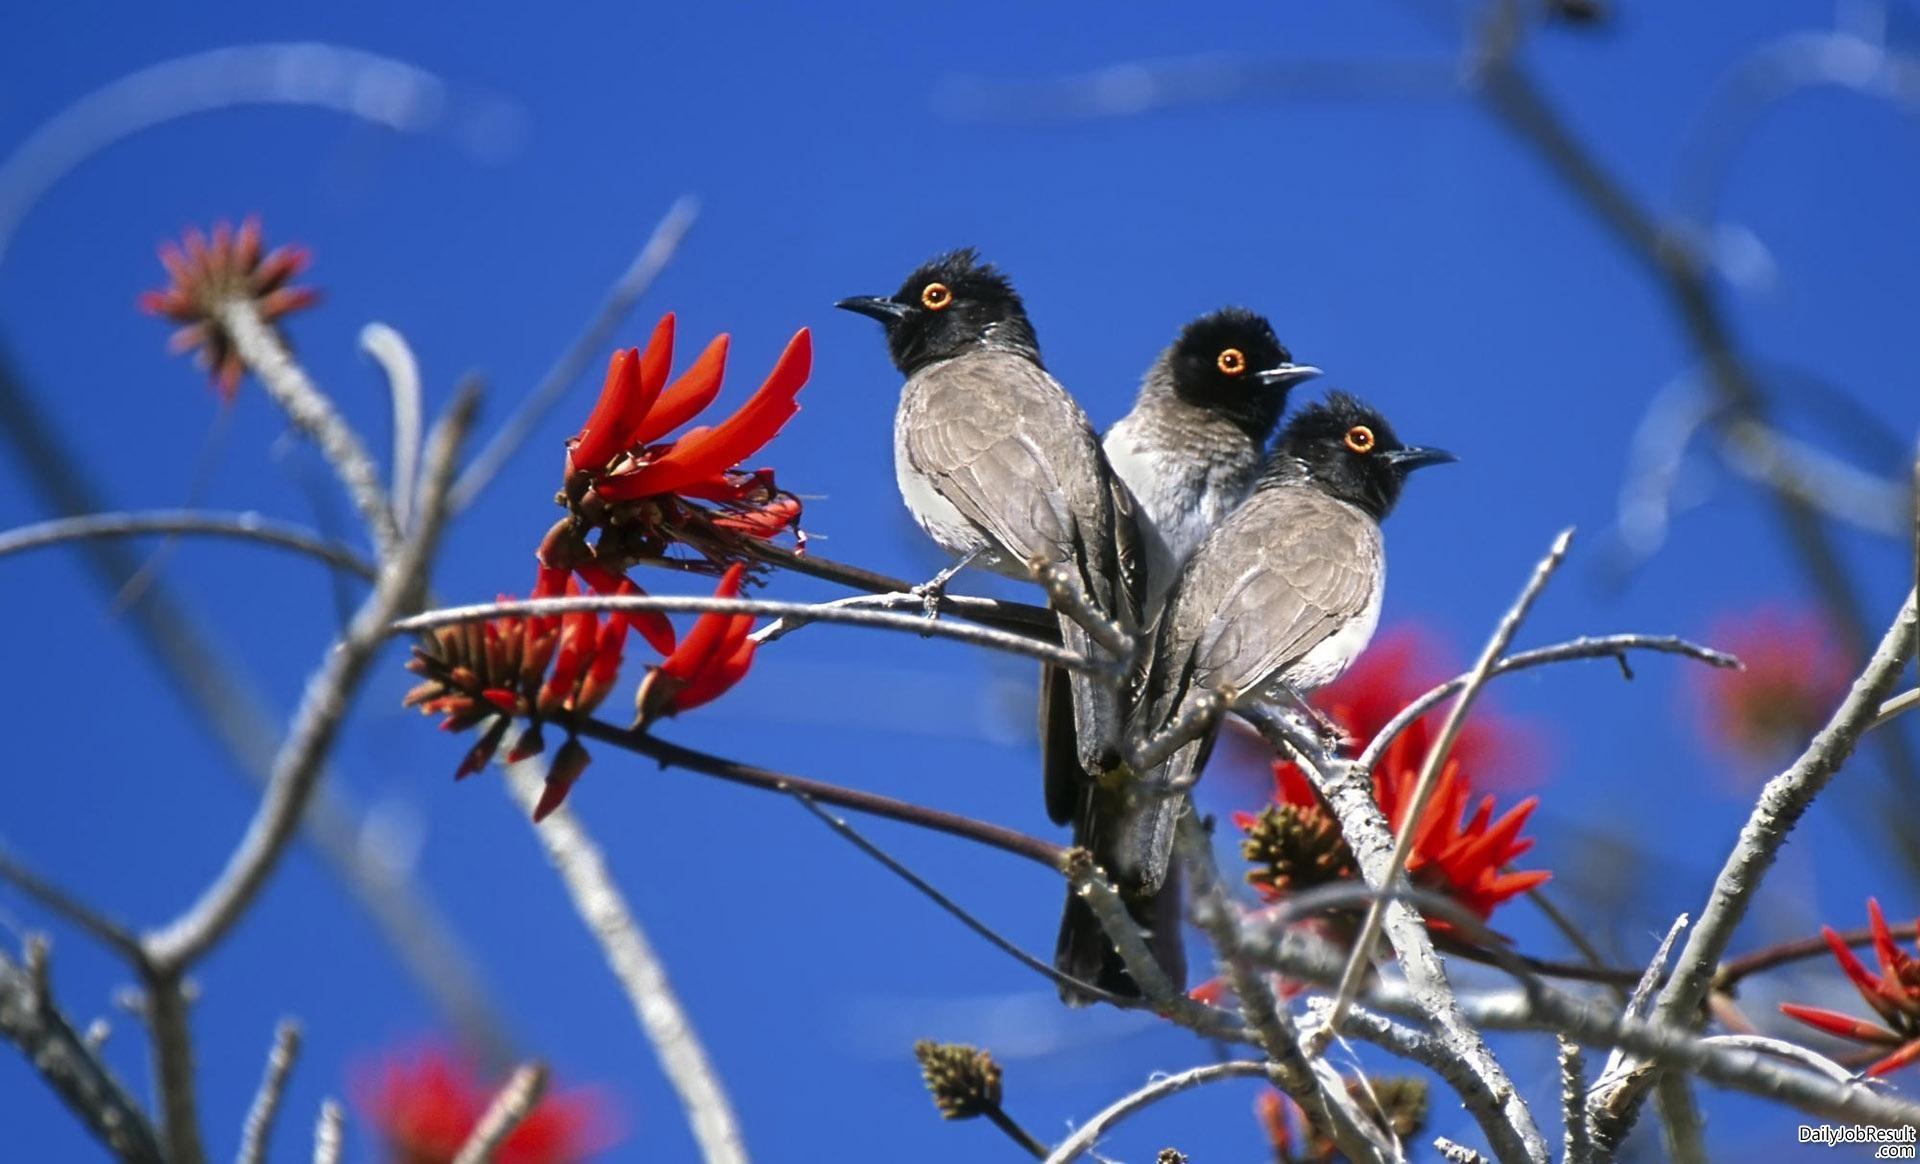 Nature Love Birds Wallpaper Hd 14 Widescreen Birds - 1080p Birds Wallpaper Hd - HD Wallpaper